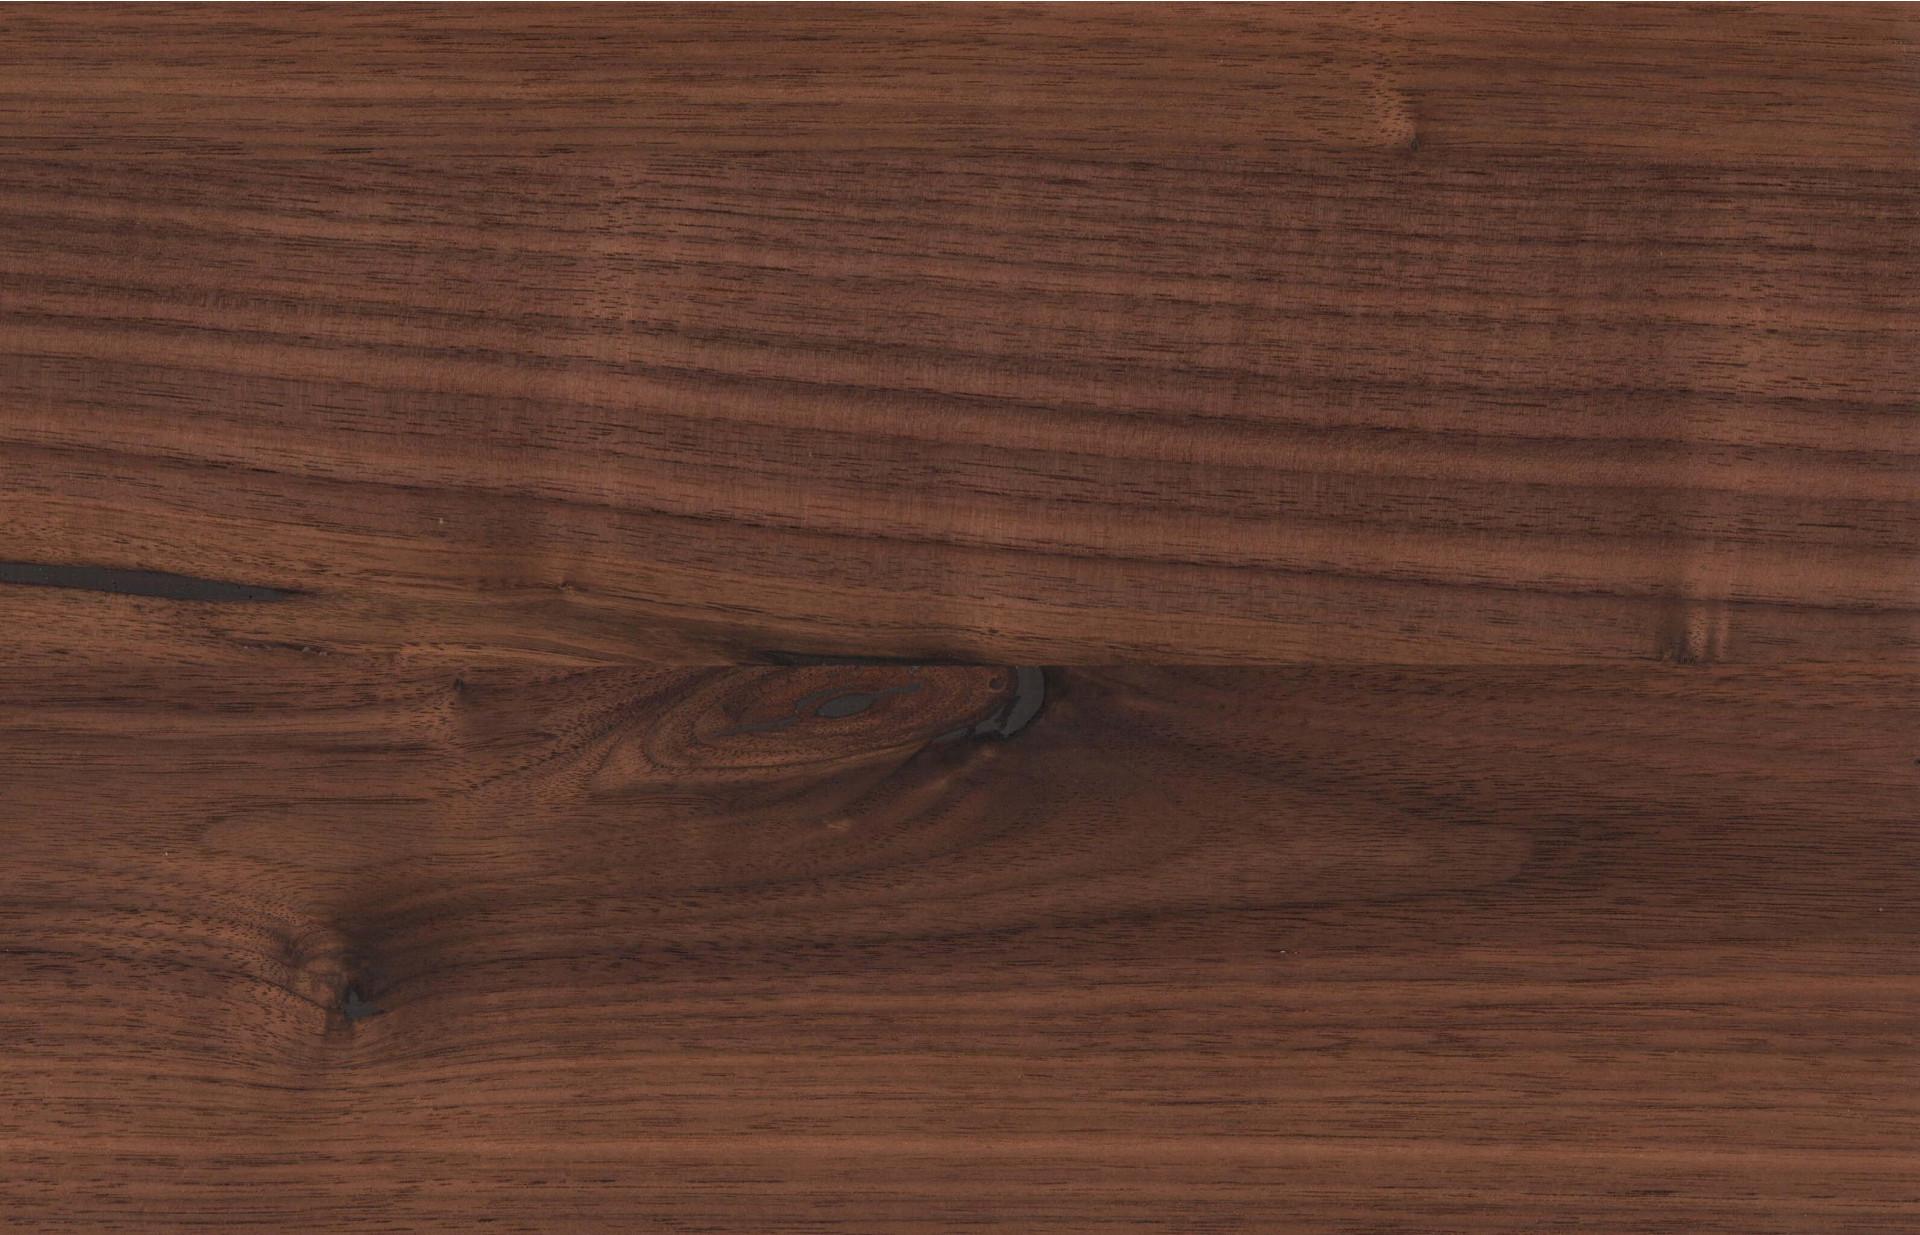 Holzmuster in Wildnuss natur geölt